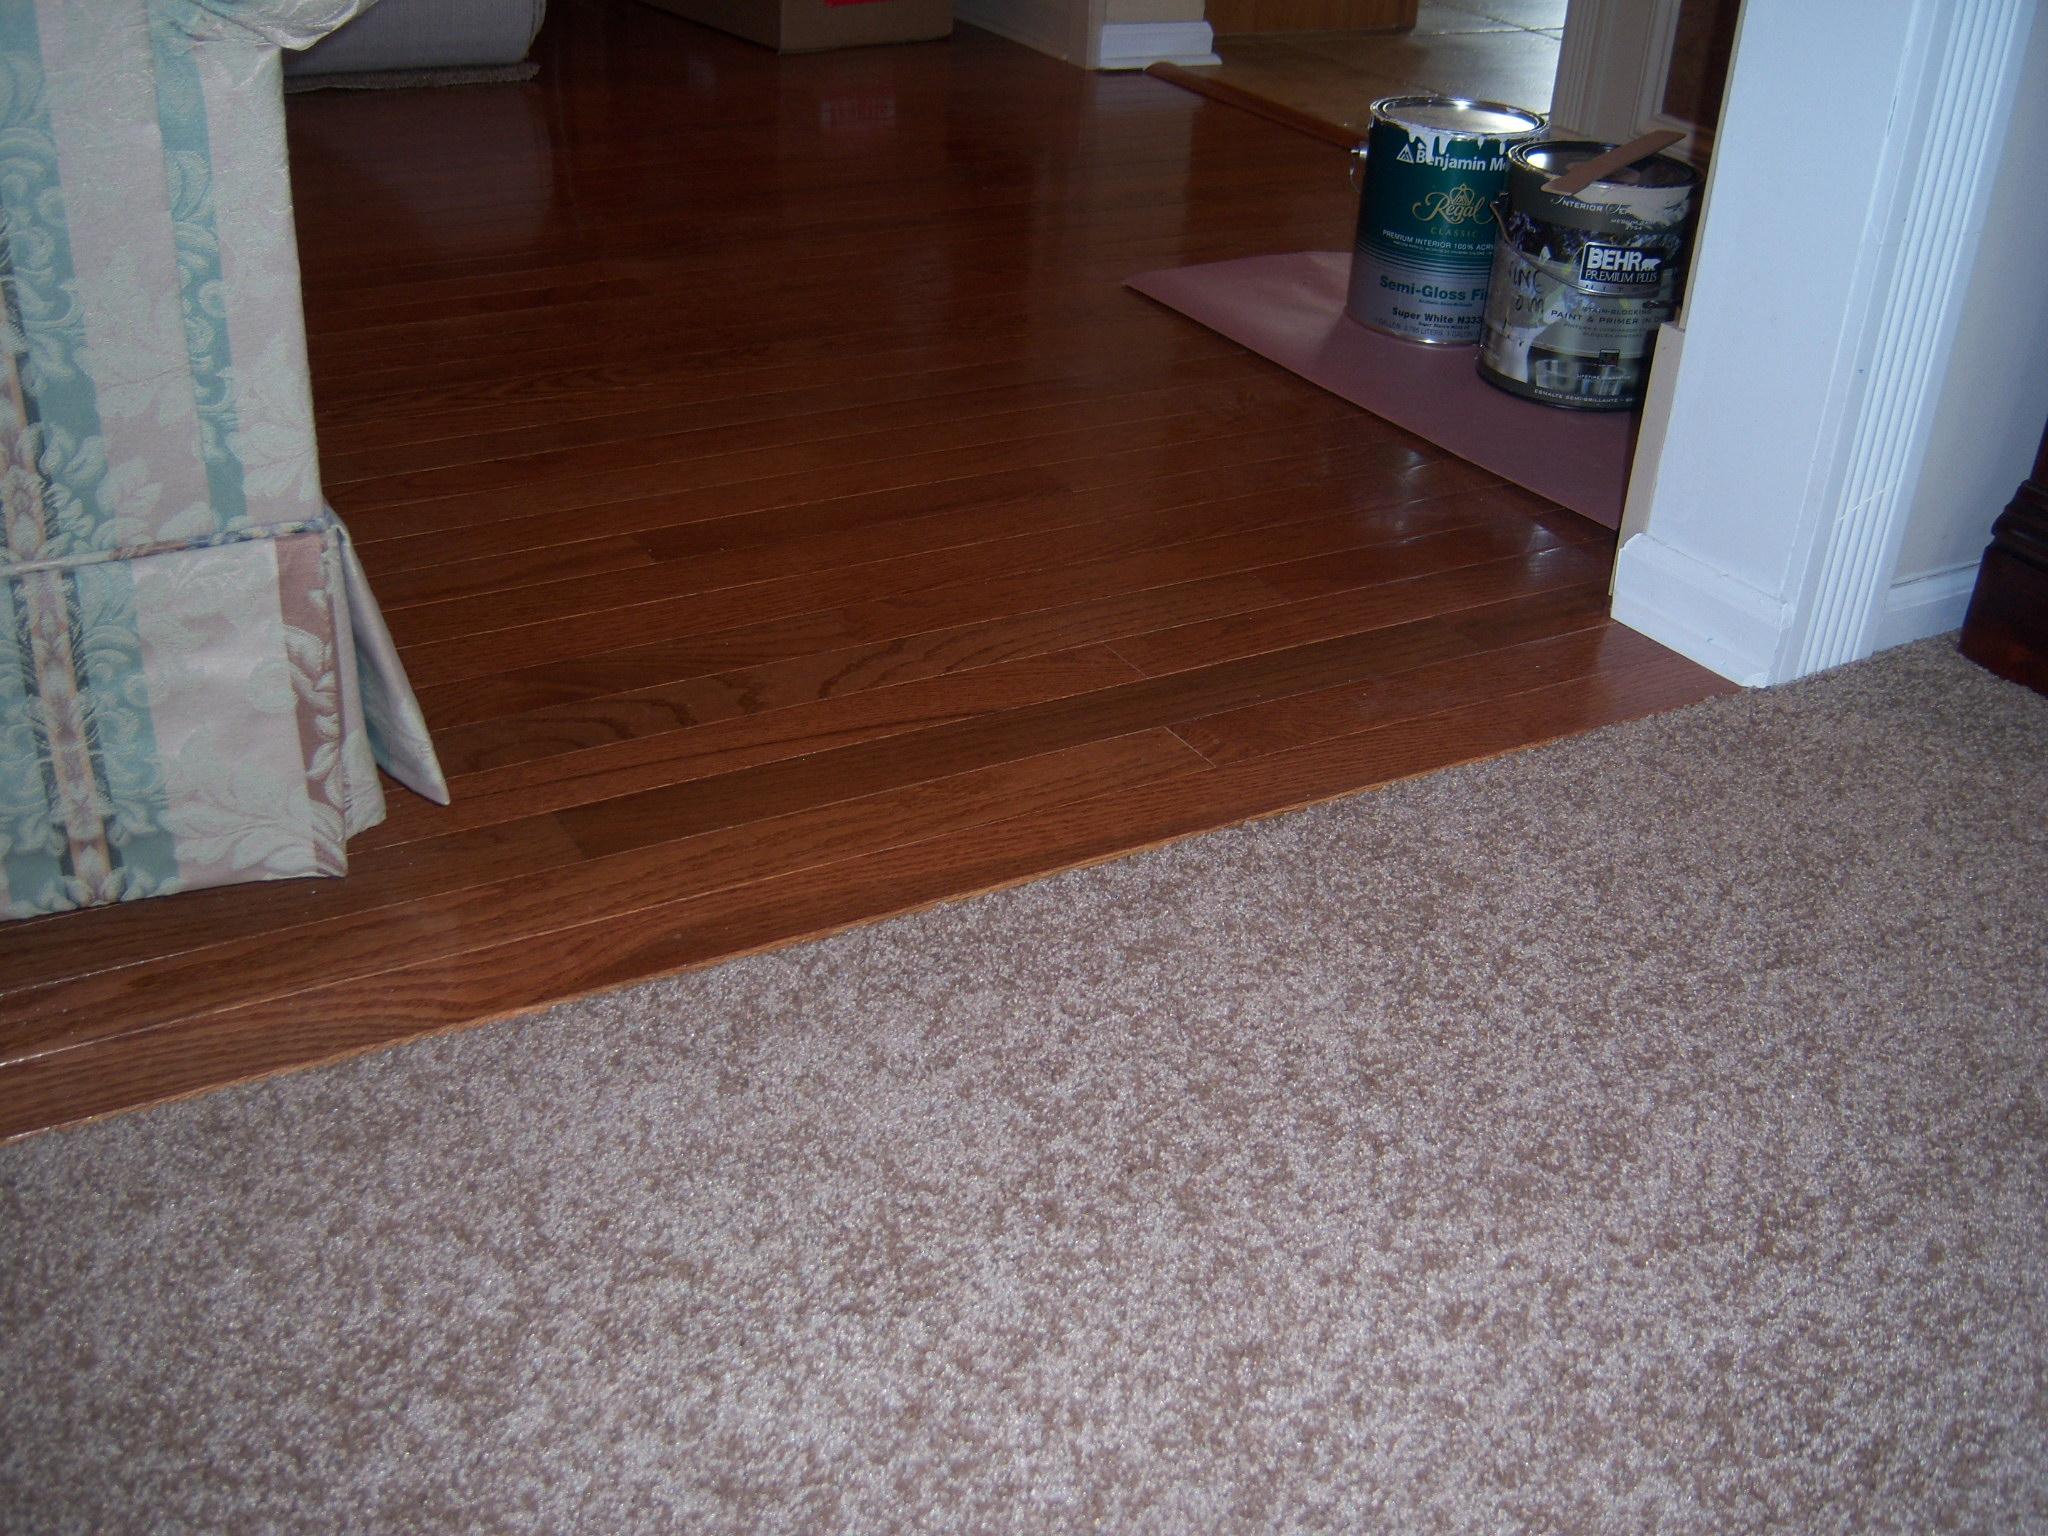 Rugs For Hardwood Floors